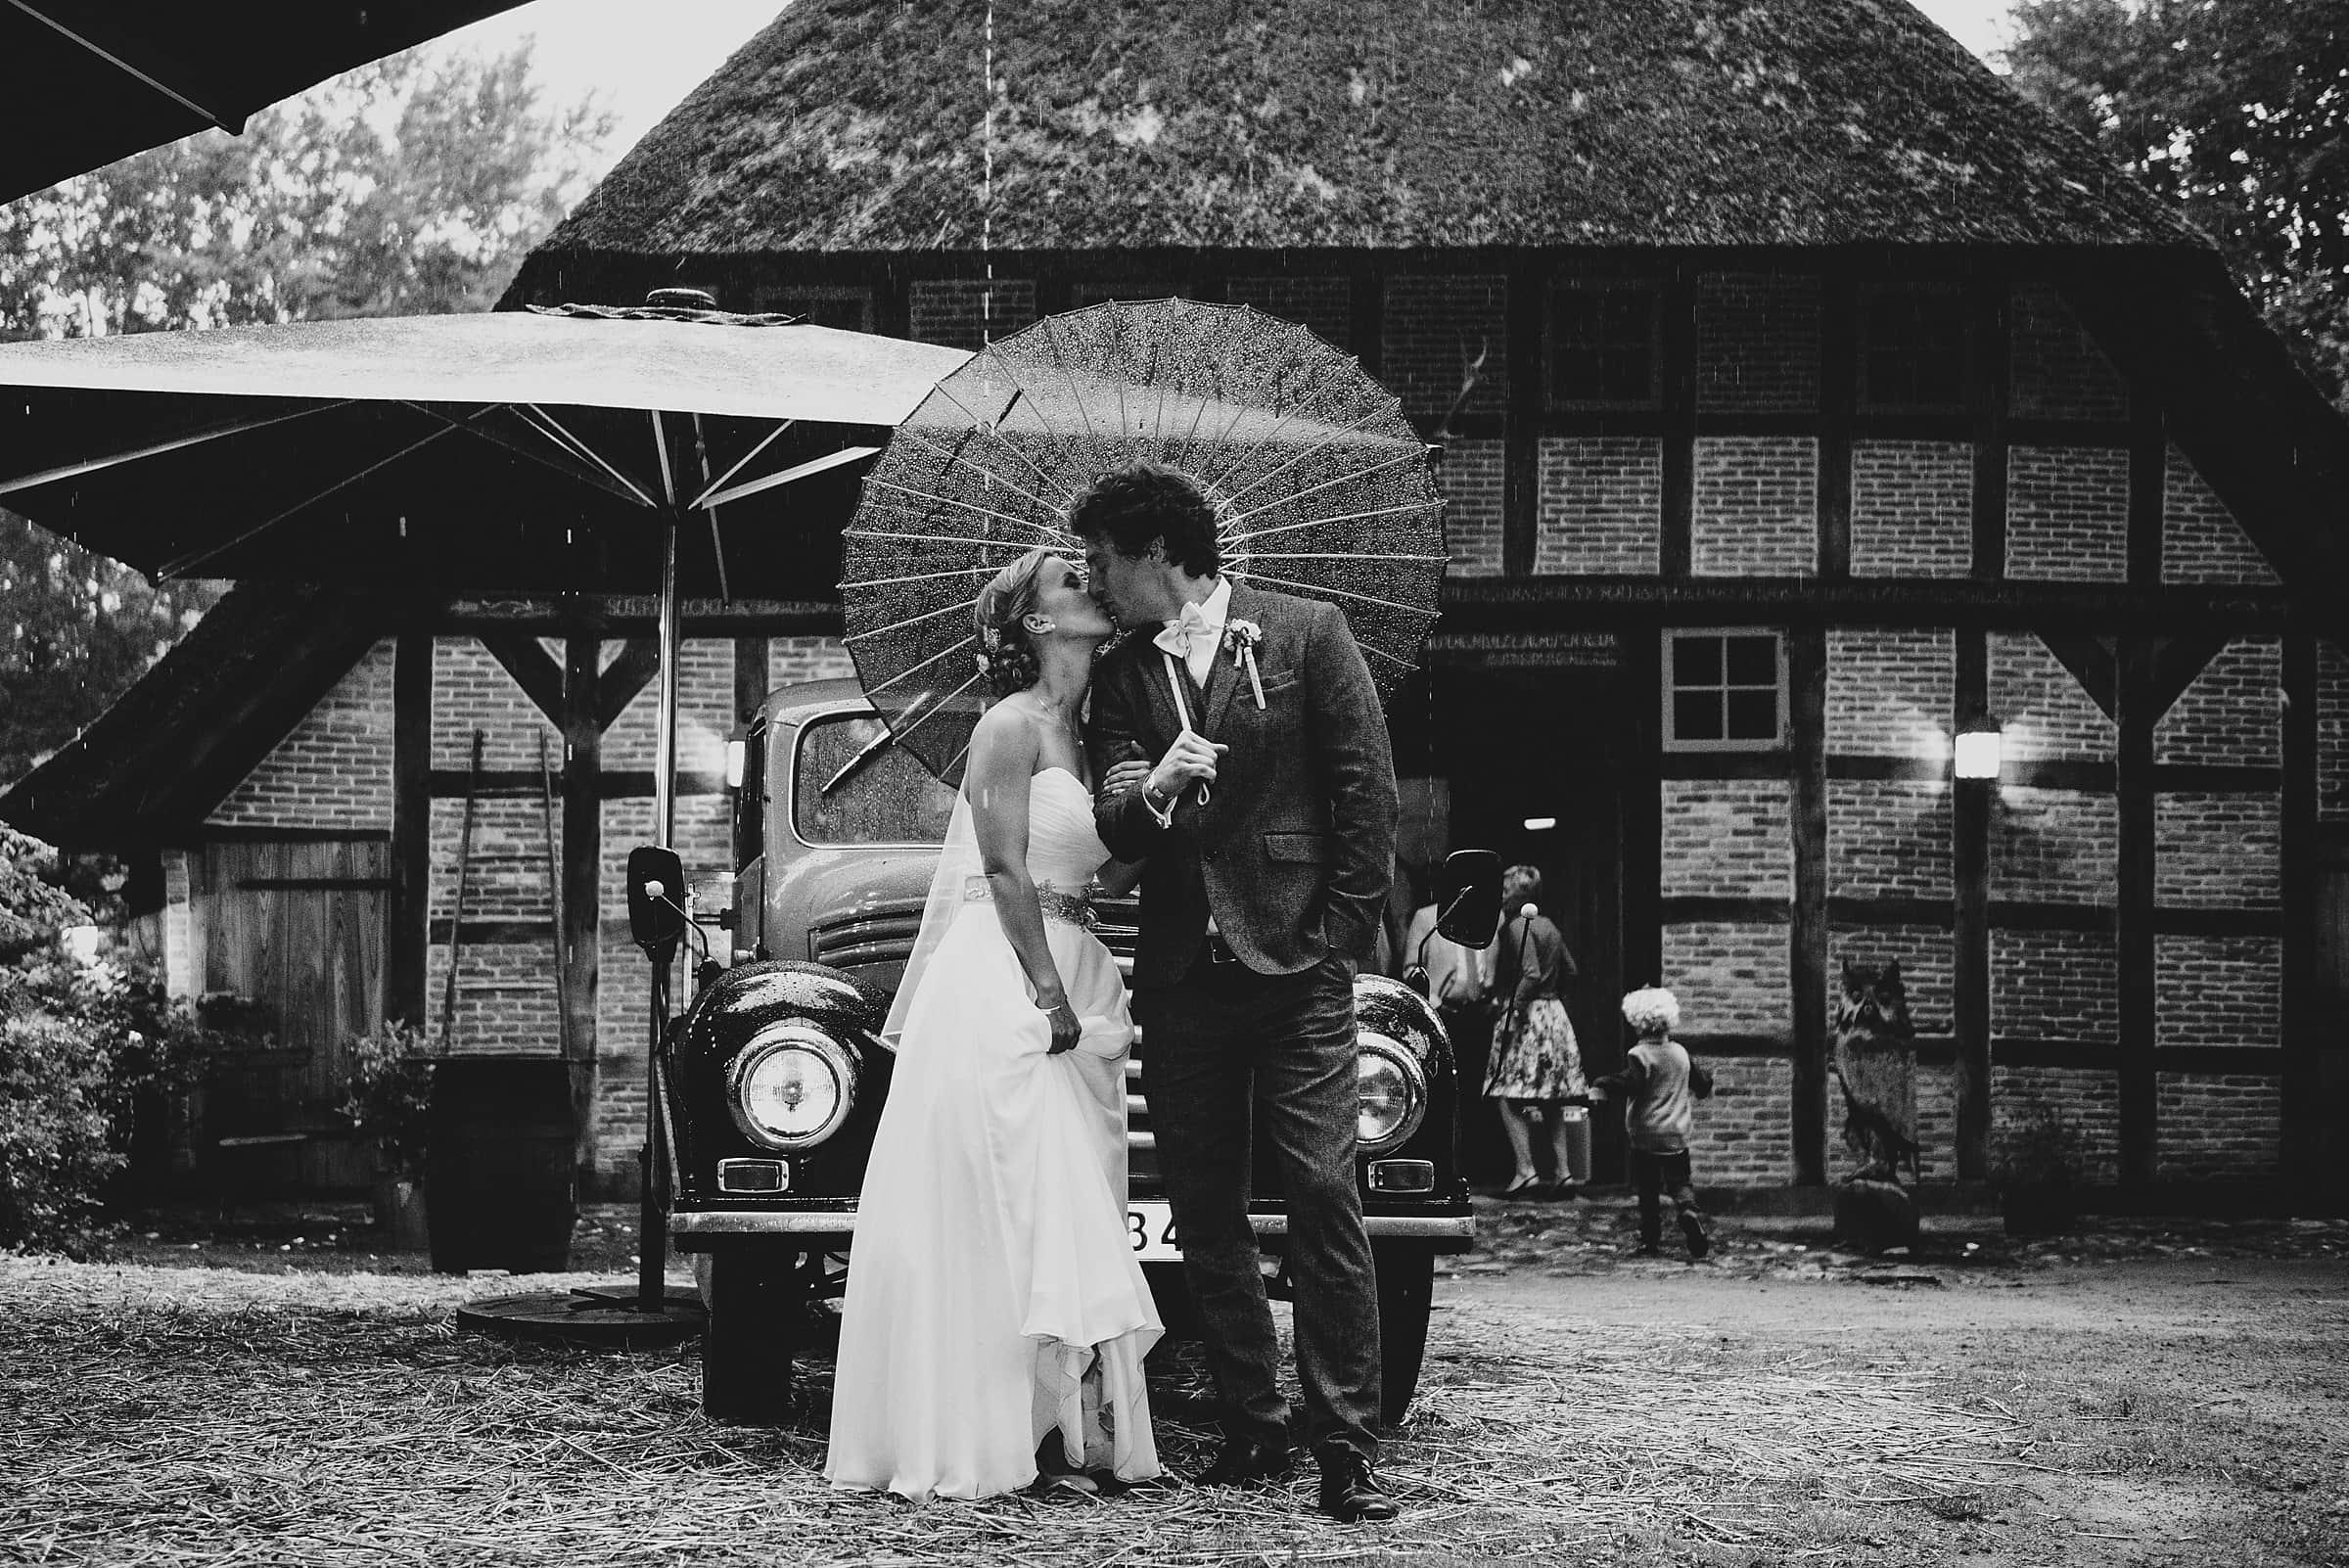 Hochzeitsfotografie-Frau-Siemers-Hof Weihe-Brautpaar steht im Regen und küsst sich